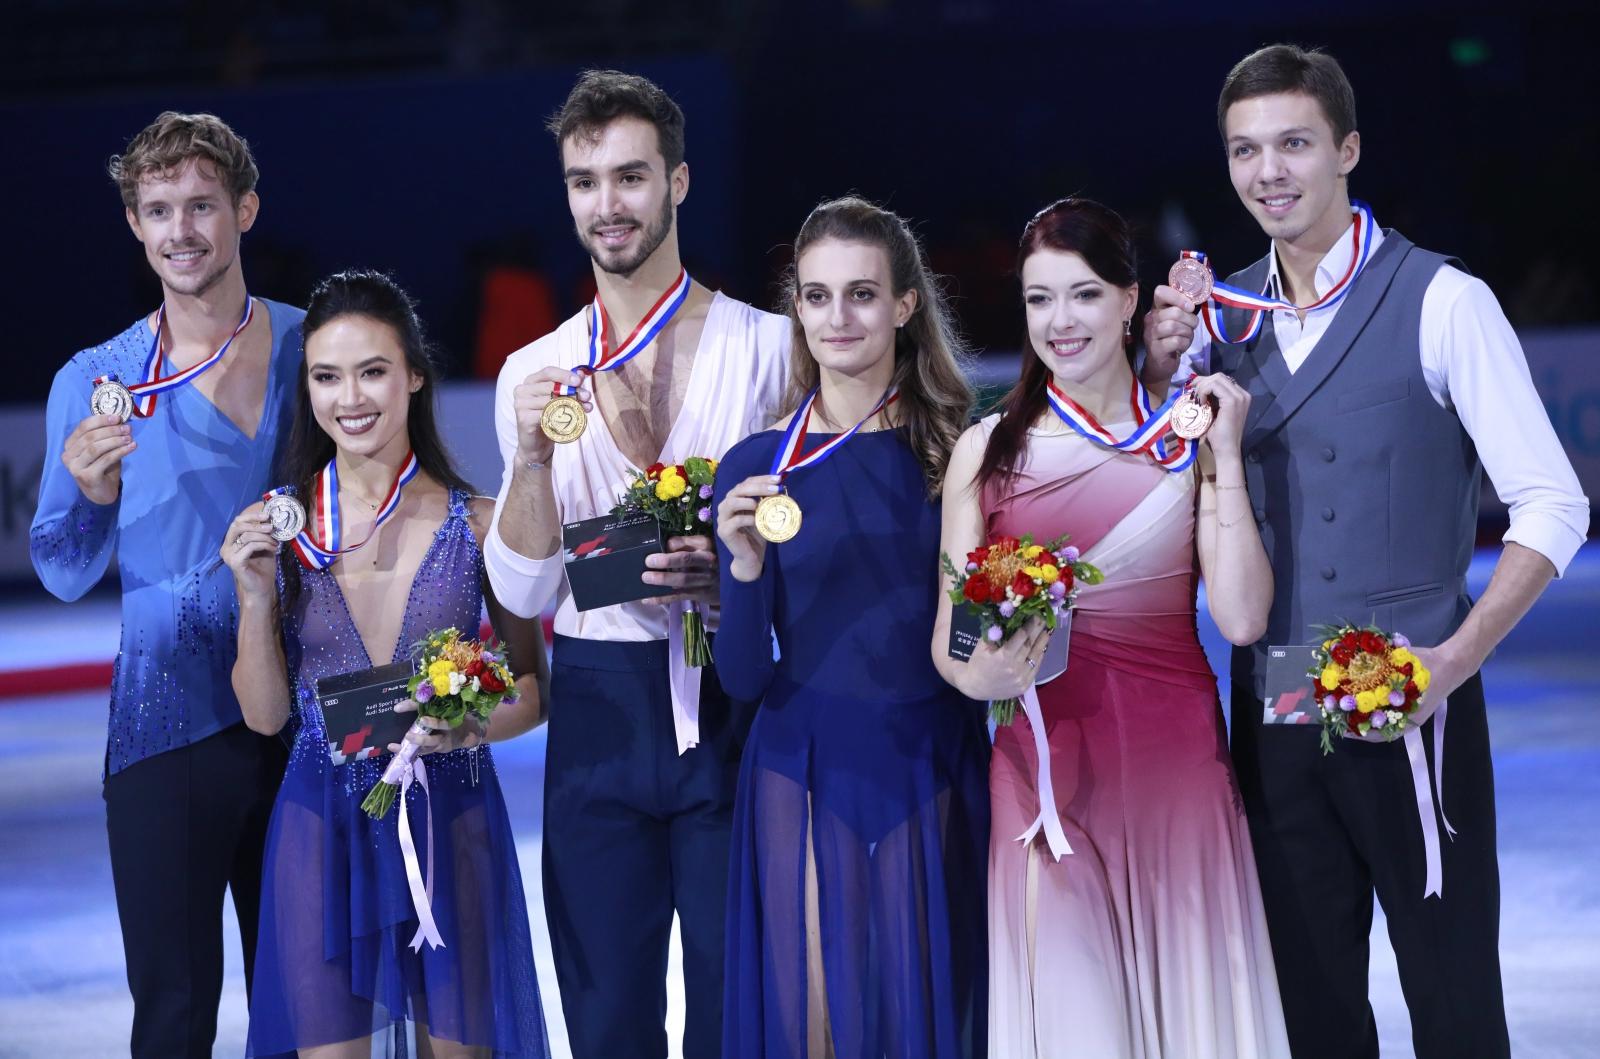 Grand prix w jeździe figurowej w Chinach -medaliści   EPA/HOW HWEE YOUNG